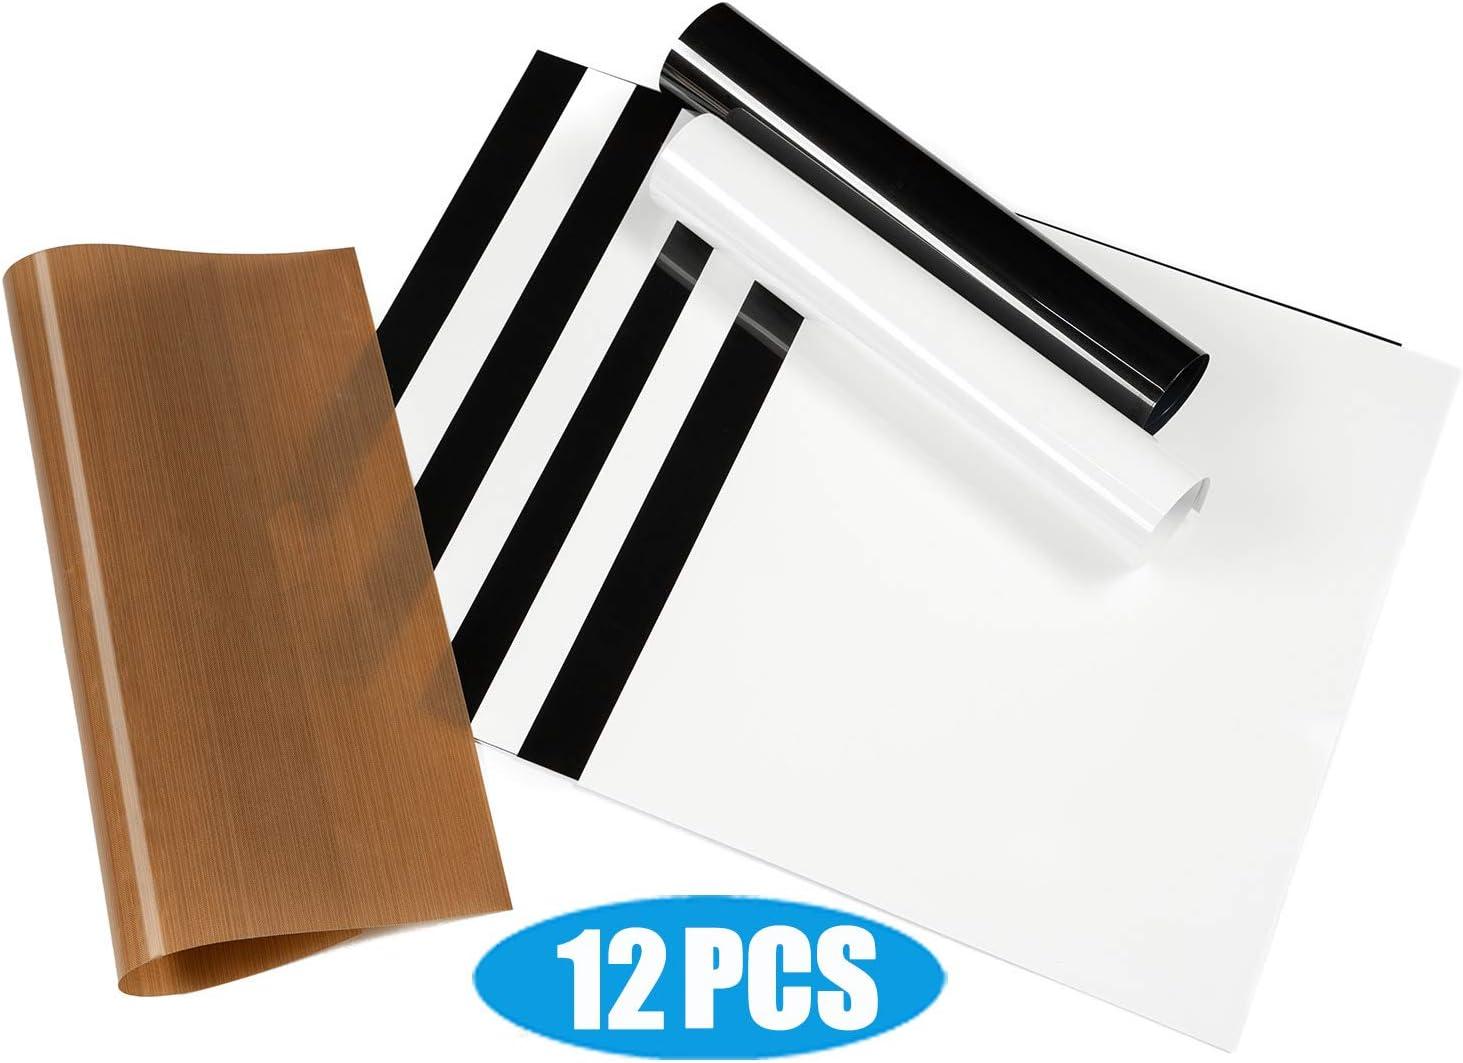 Vinilo de transferencia de calor HTV para planchar Cricut y Silhouette Cameo: Amazon.es: Juguetes y juegos